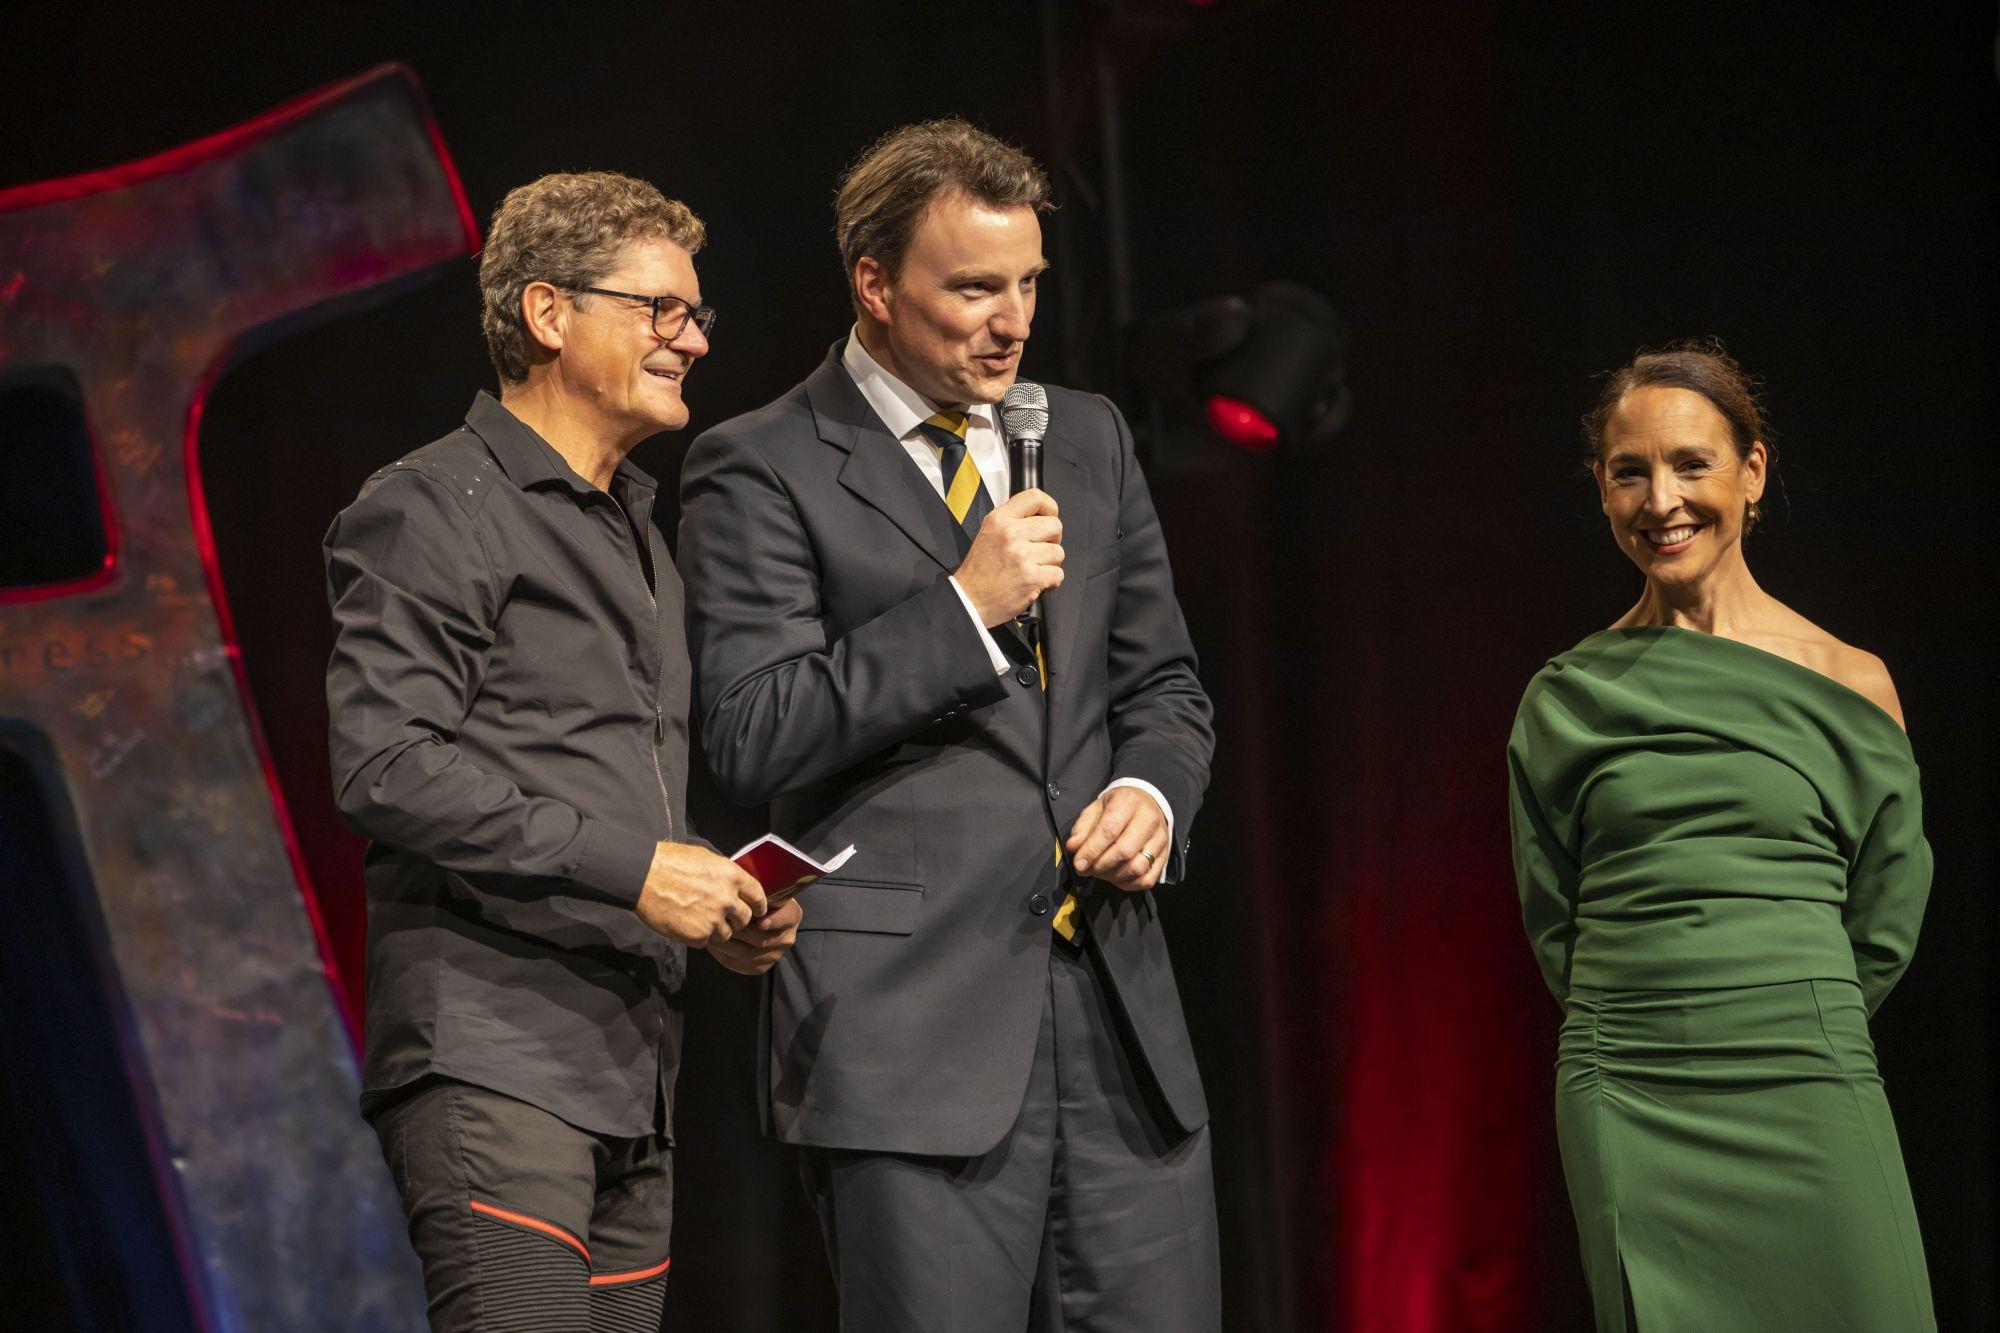 Dr. Hagen W. Lippe-Weißenfeld (Vorstand Kulturpolitische Gesellschaft und Jury-Präsident Europäischer Kulturmarken-Award) mit den beiden Moderatoren der Kulturmarken-Gala, Copyright: Hans-Conrad Walter